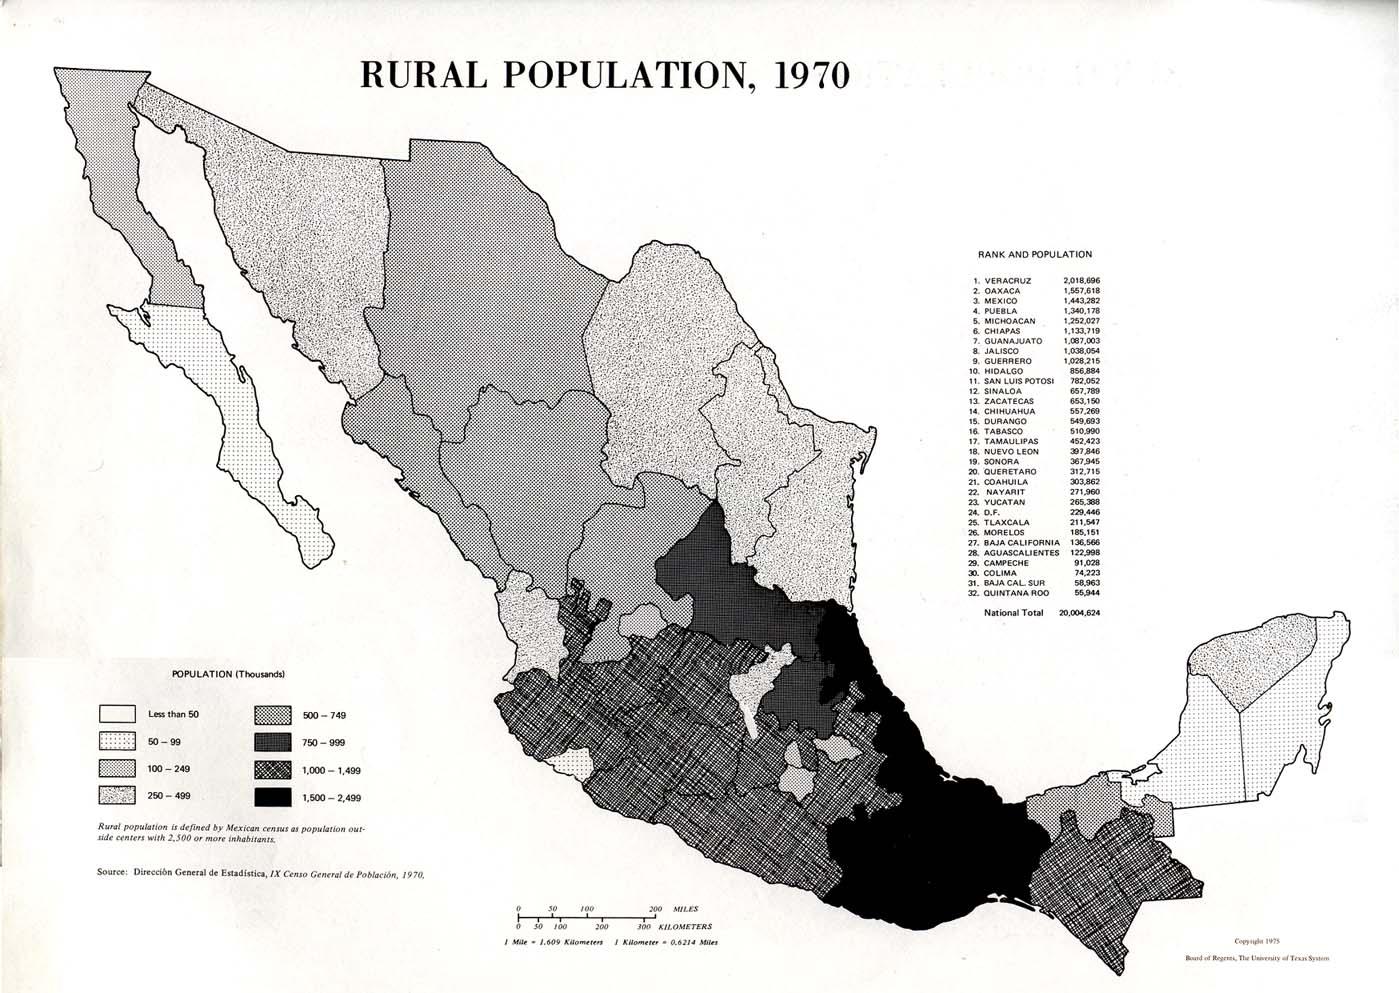 Mapa de Población Rural, México 1970